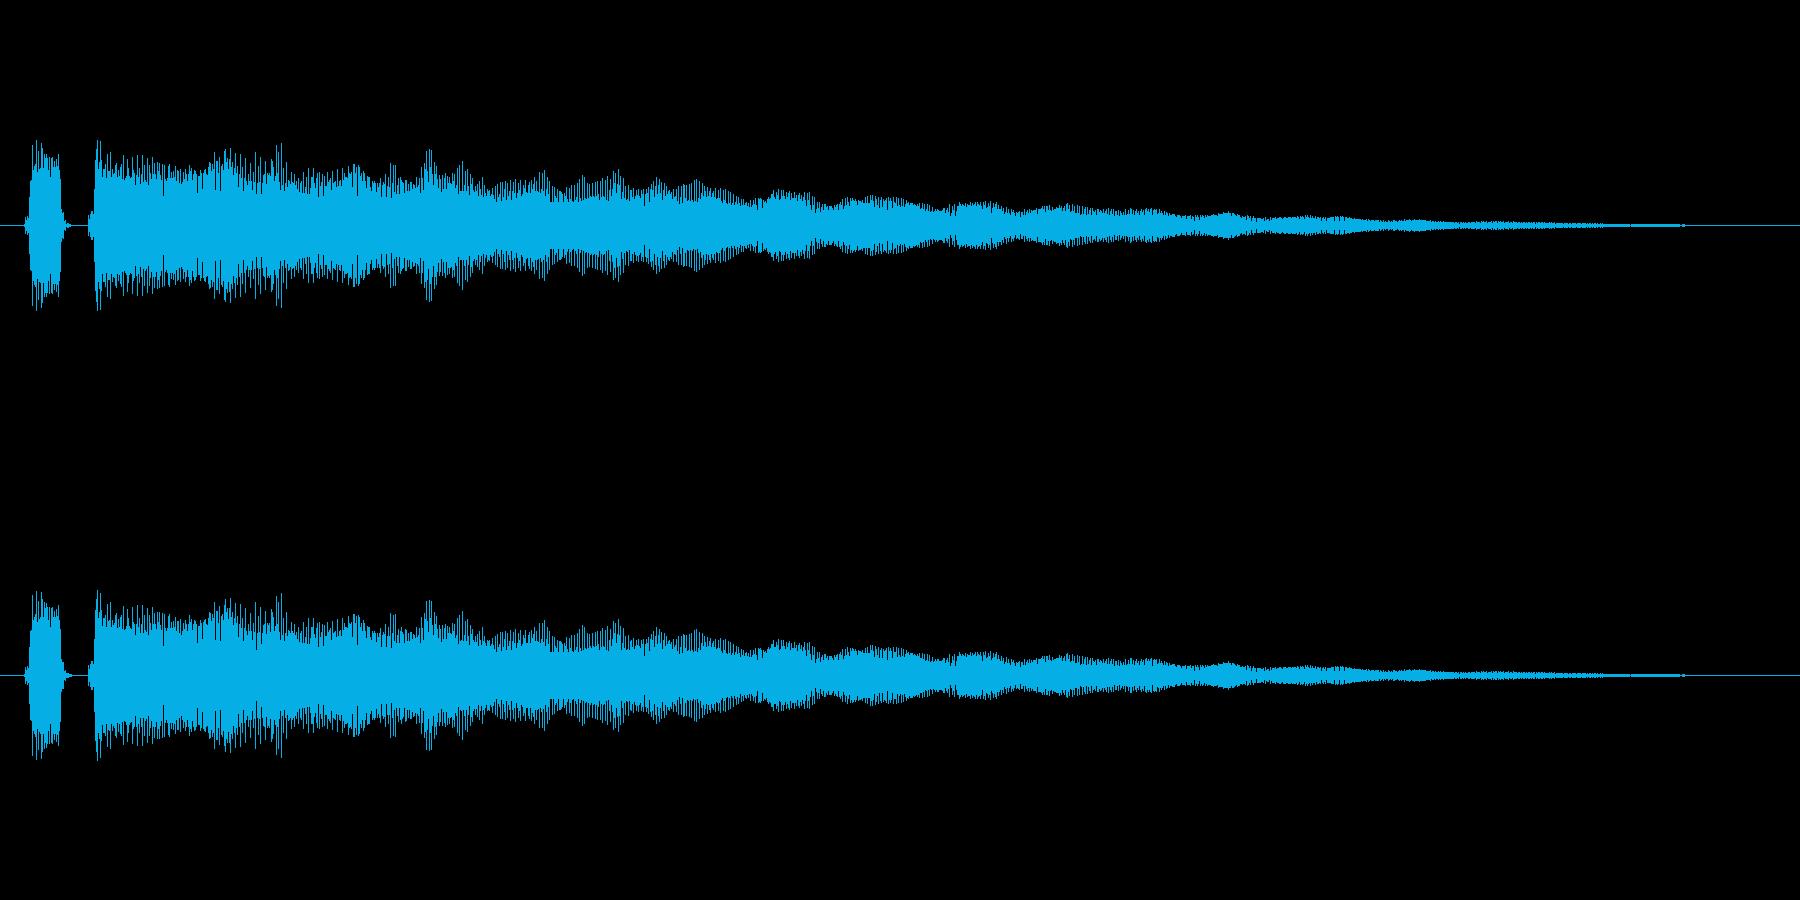 【フレーズ05-1】の再生済みの波形